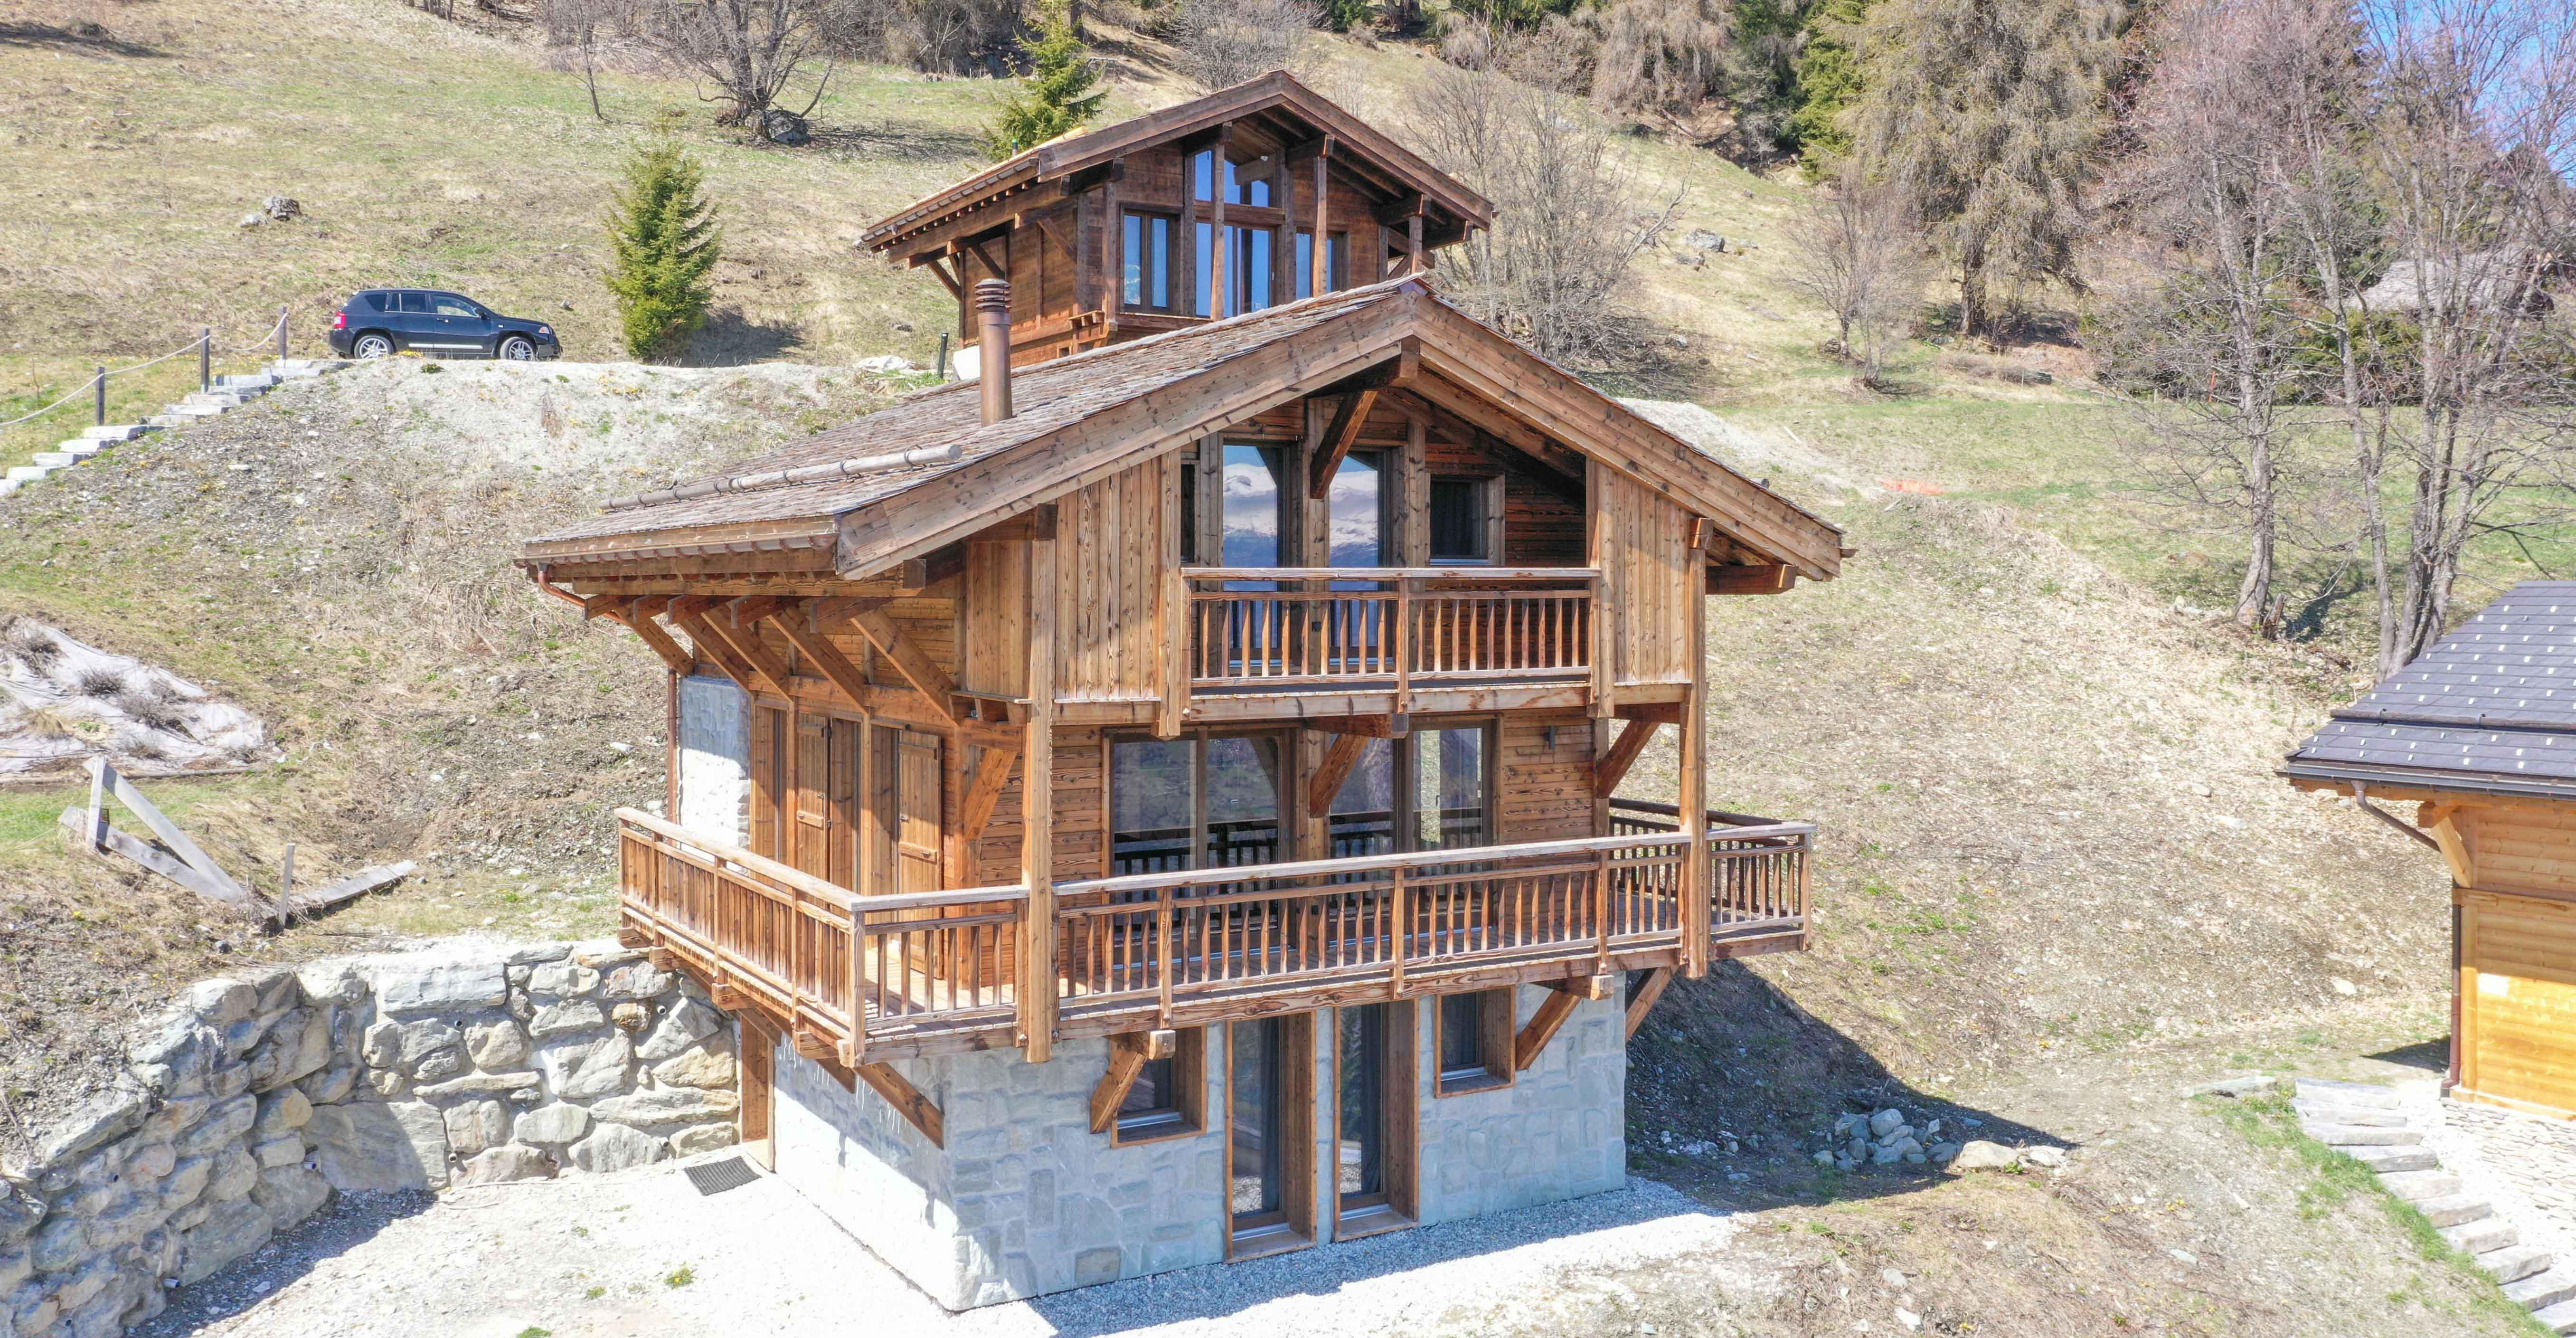 Dent Blanche Chalet, Switzerland